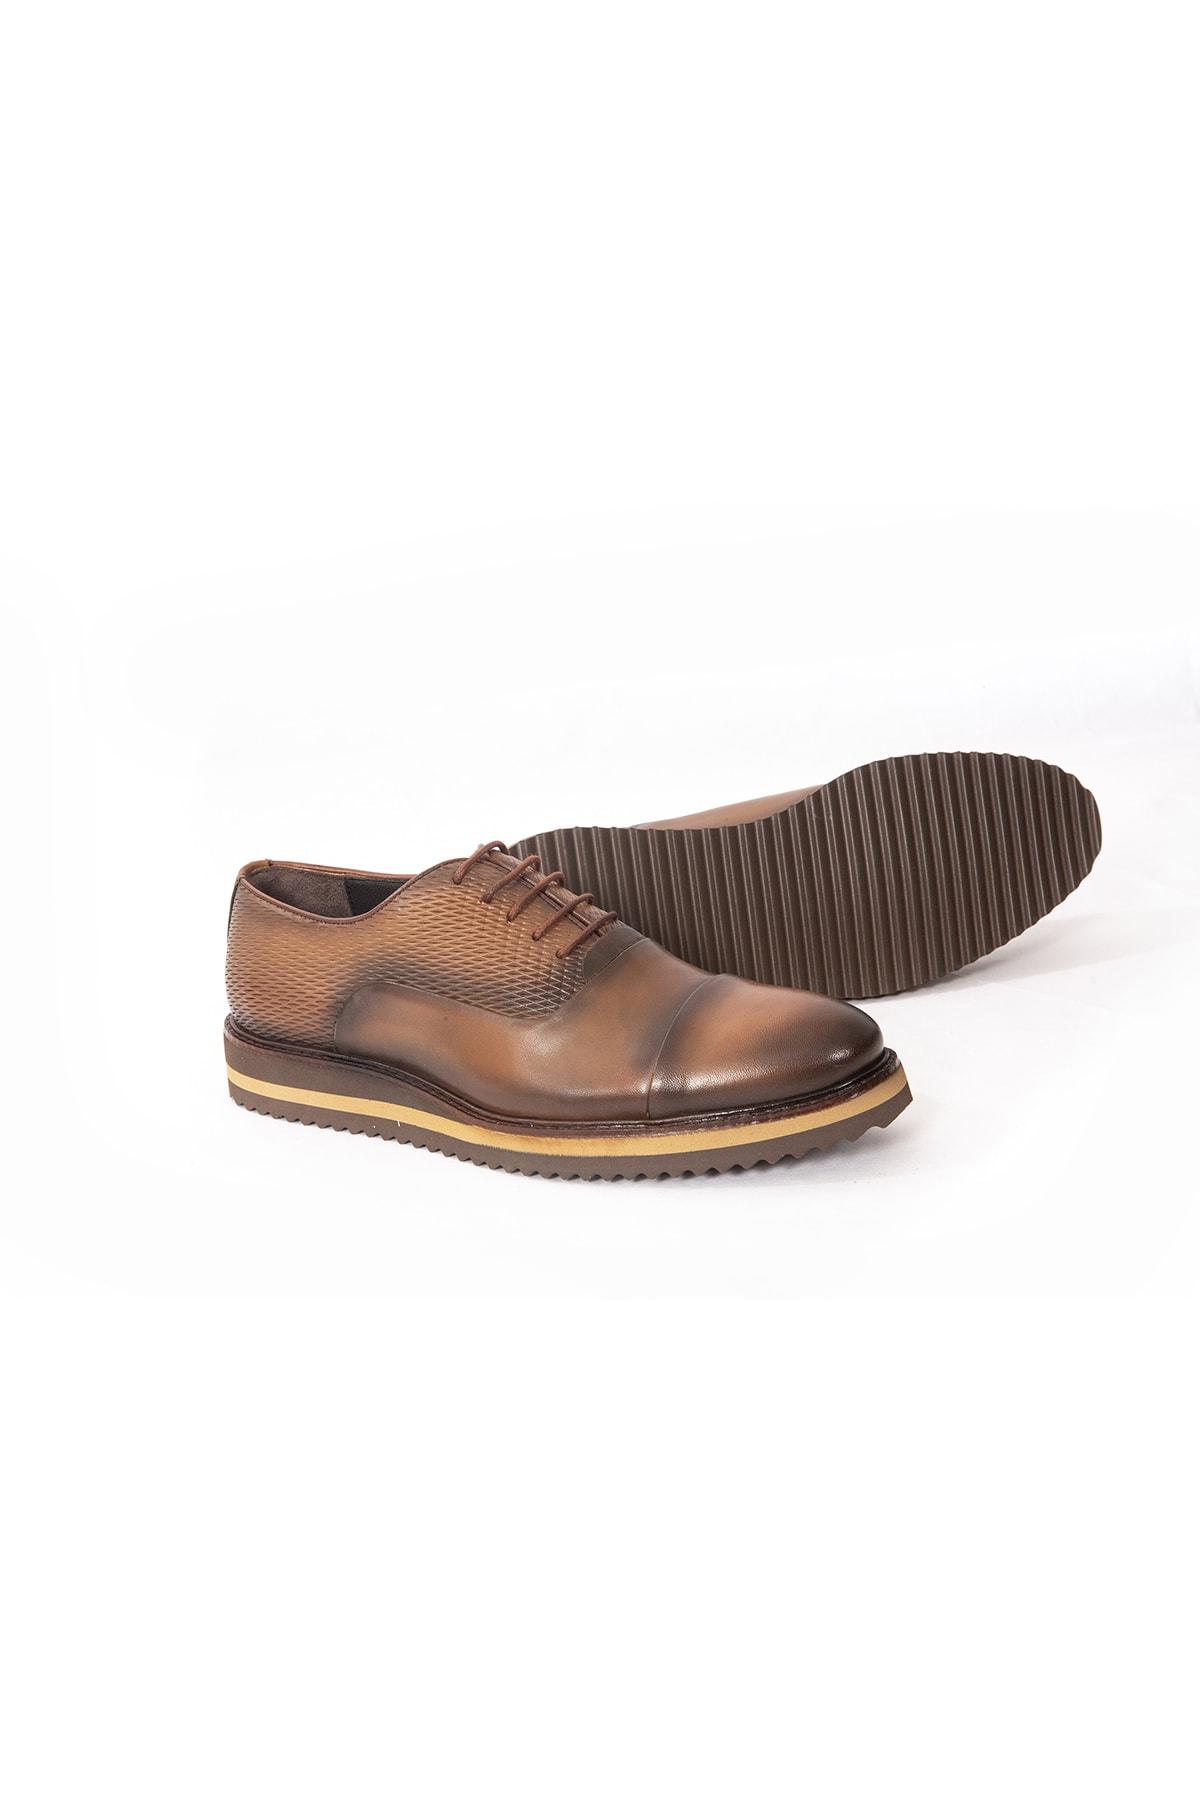 İgs Deri Günlük Erkek Ayakkabı Taba (I1711459-3 M 1000) 2